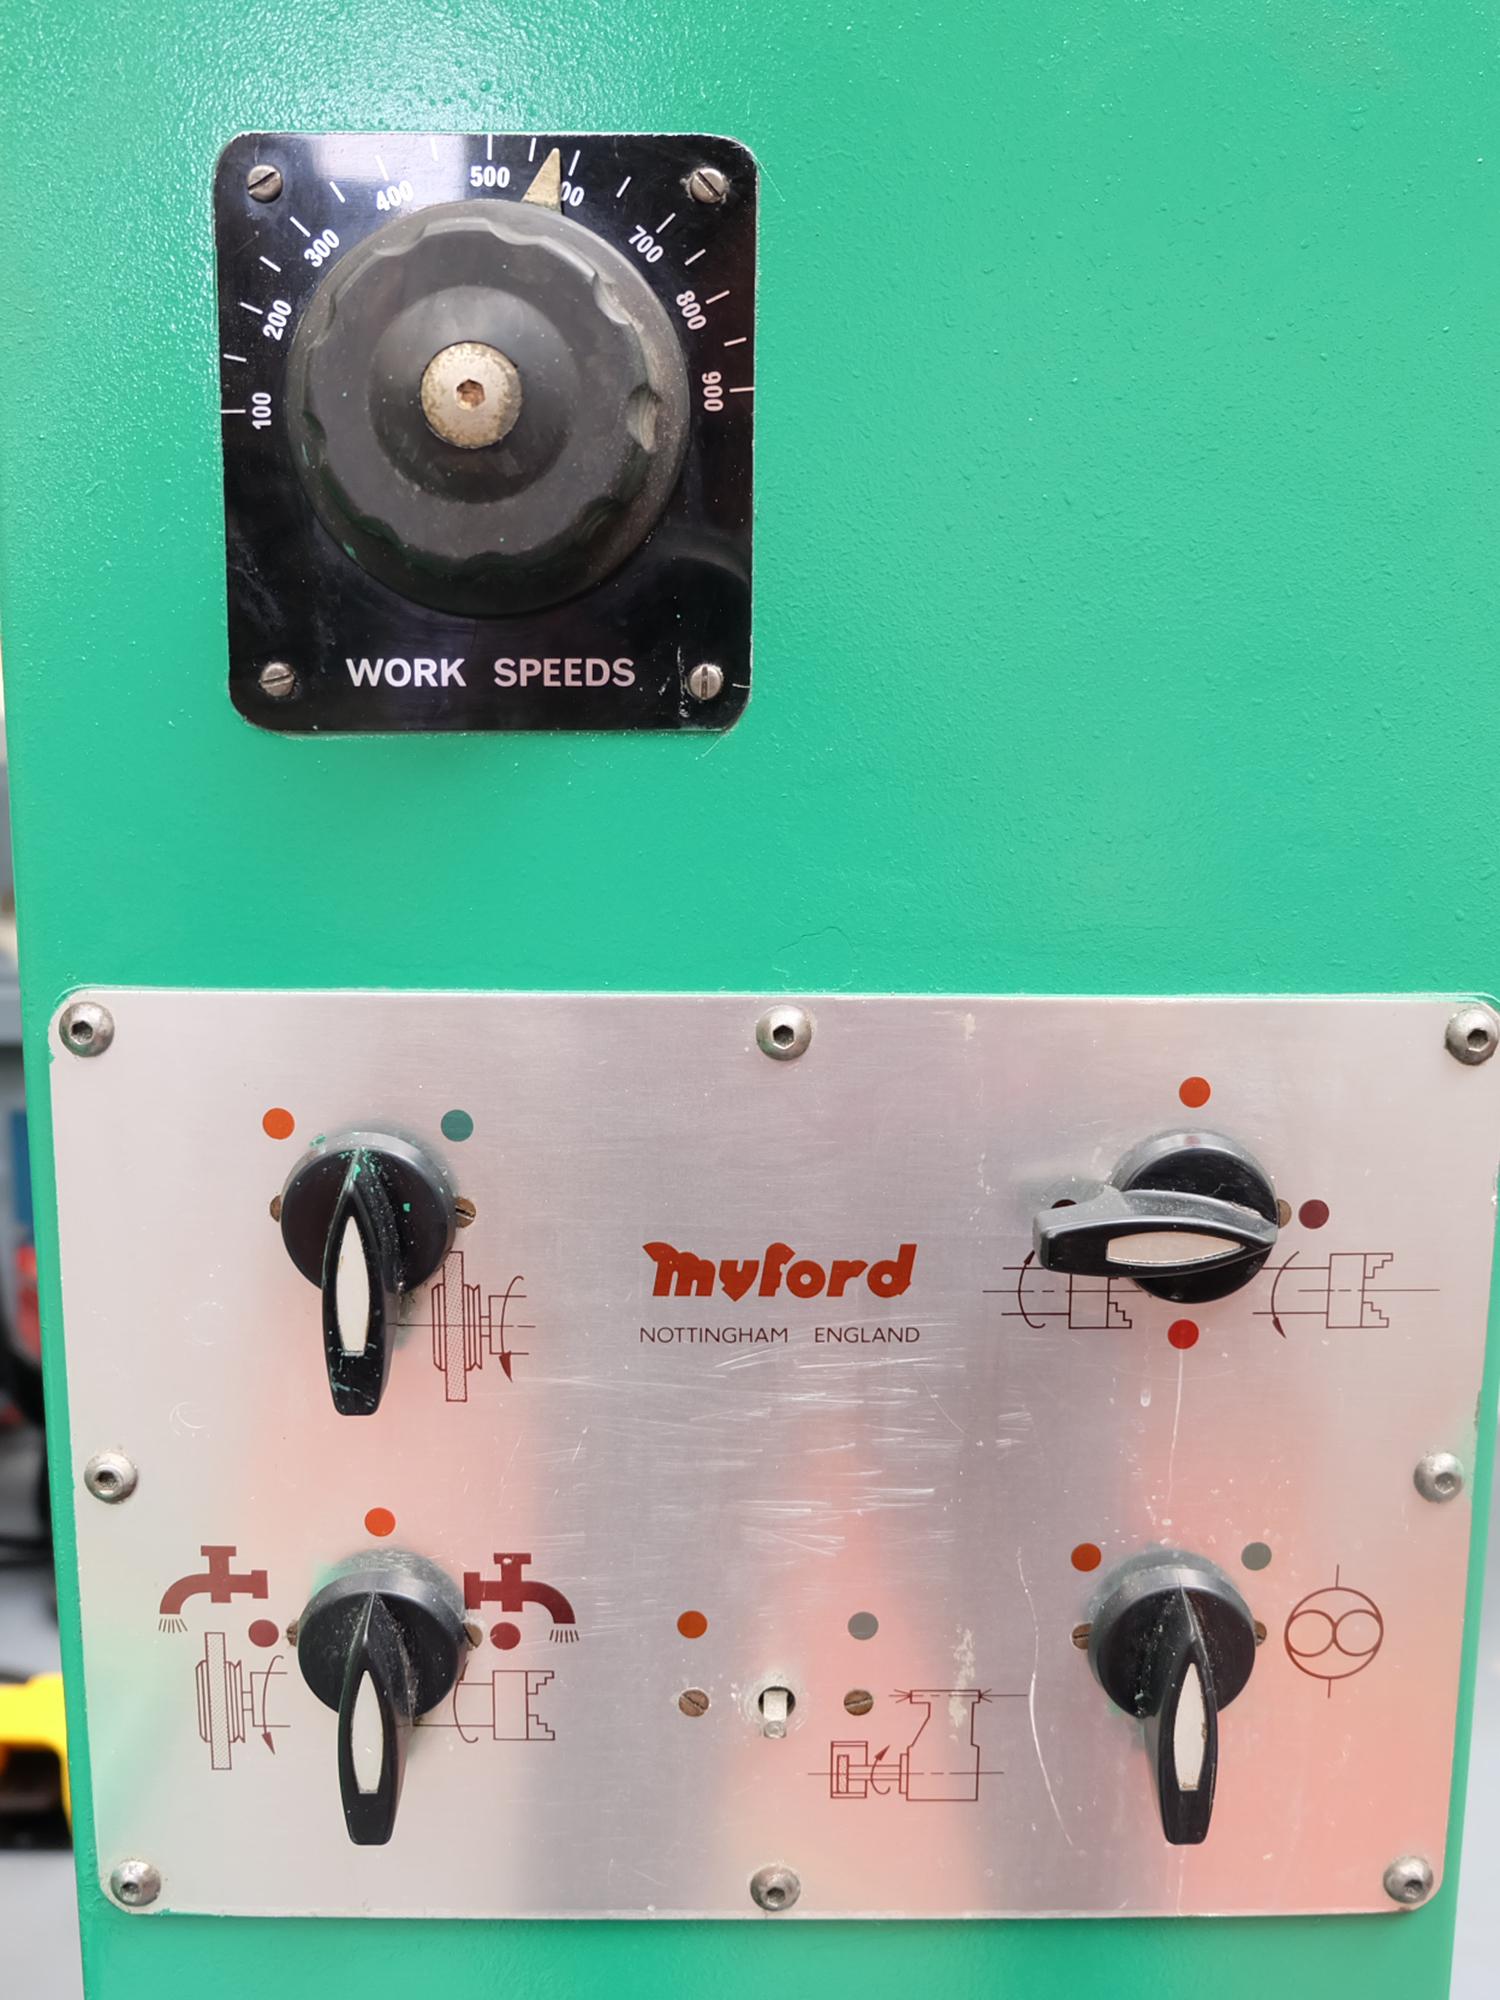 Myford MG12-HA Hydraulic Cylindrical Grinder. - Image 10 of 13